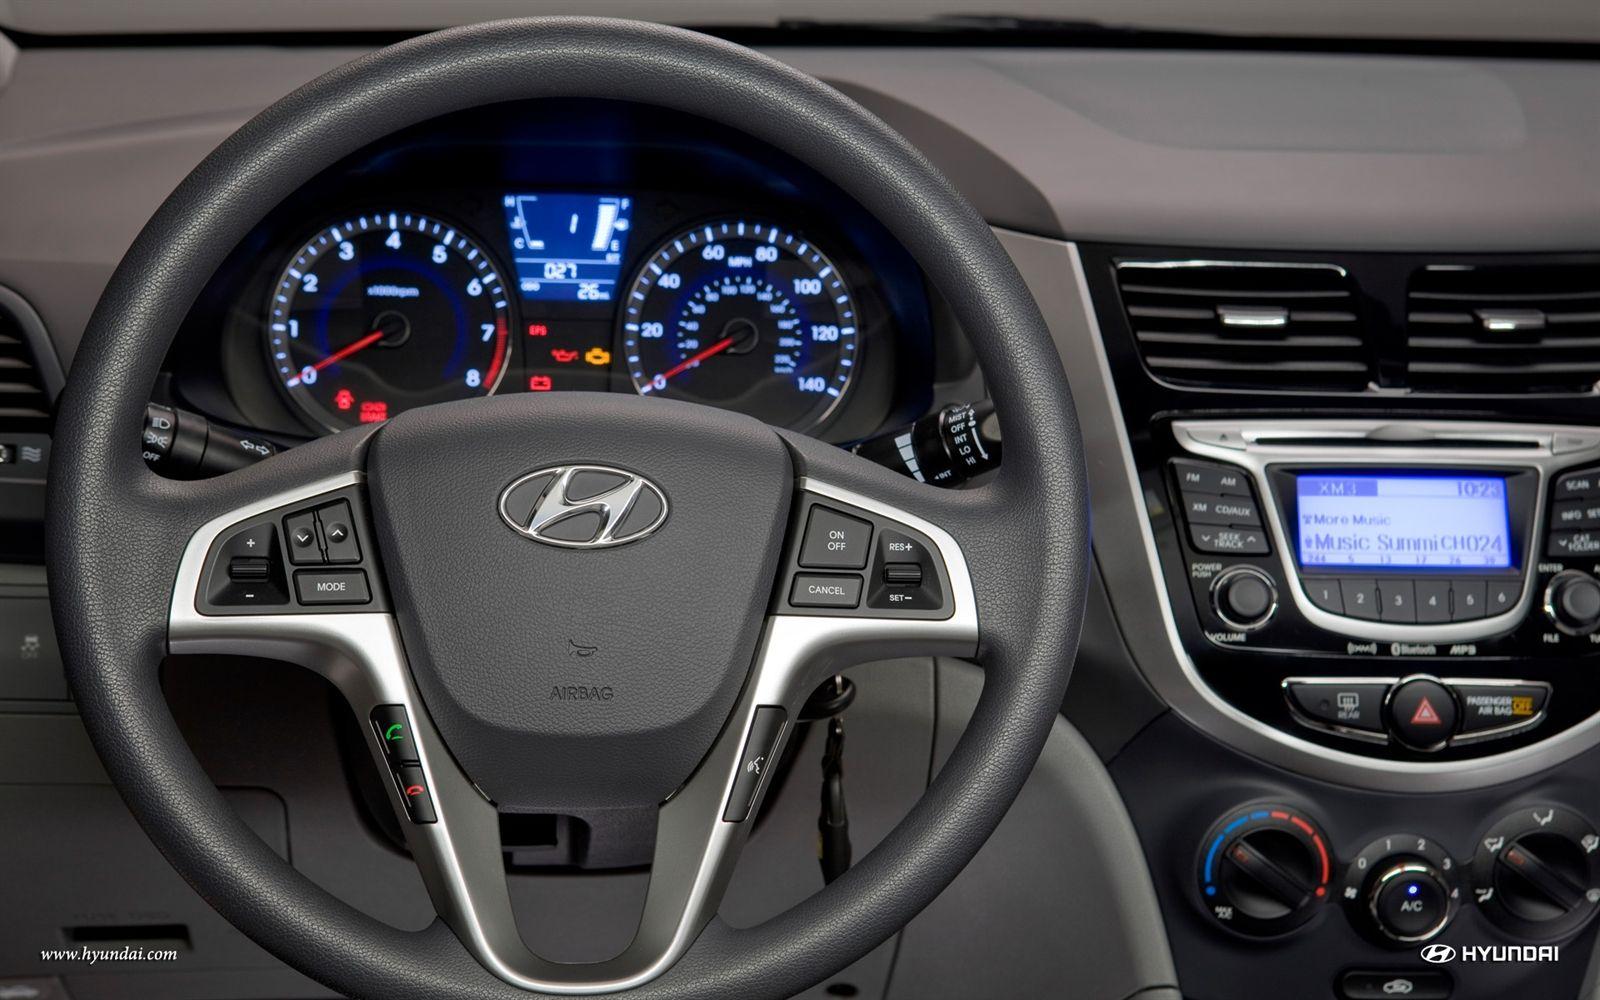 Build Price New Hyundai Cars Suvs Crossovers Guelph Hyundai New Hyundai Cars Hyundai Accent Hyundai